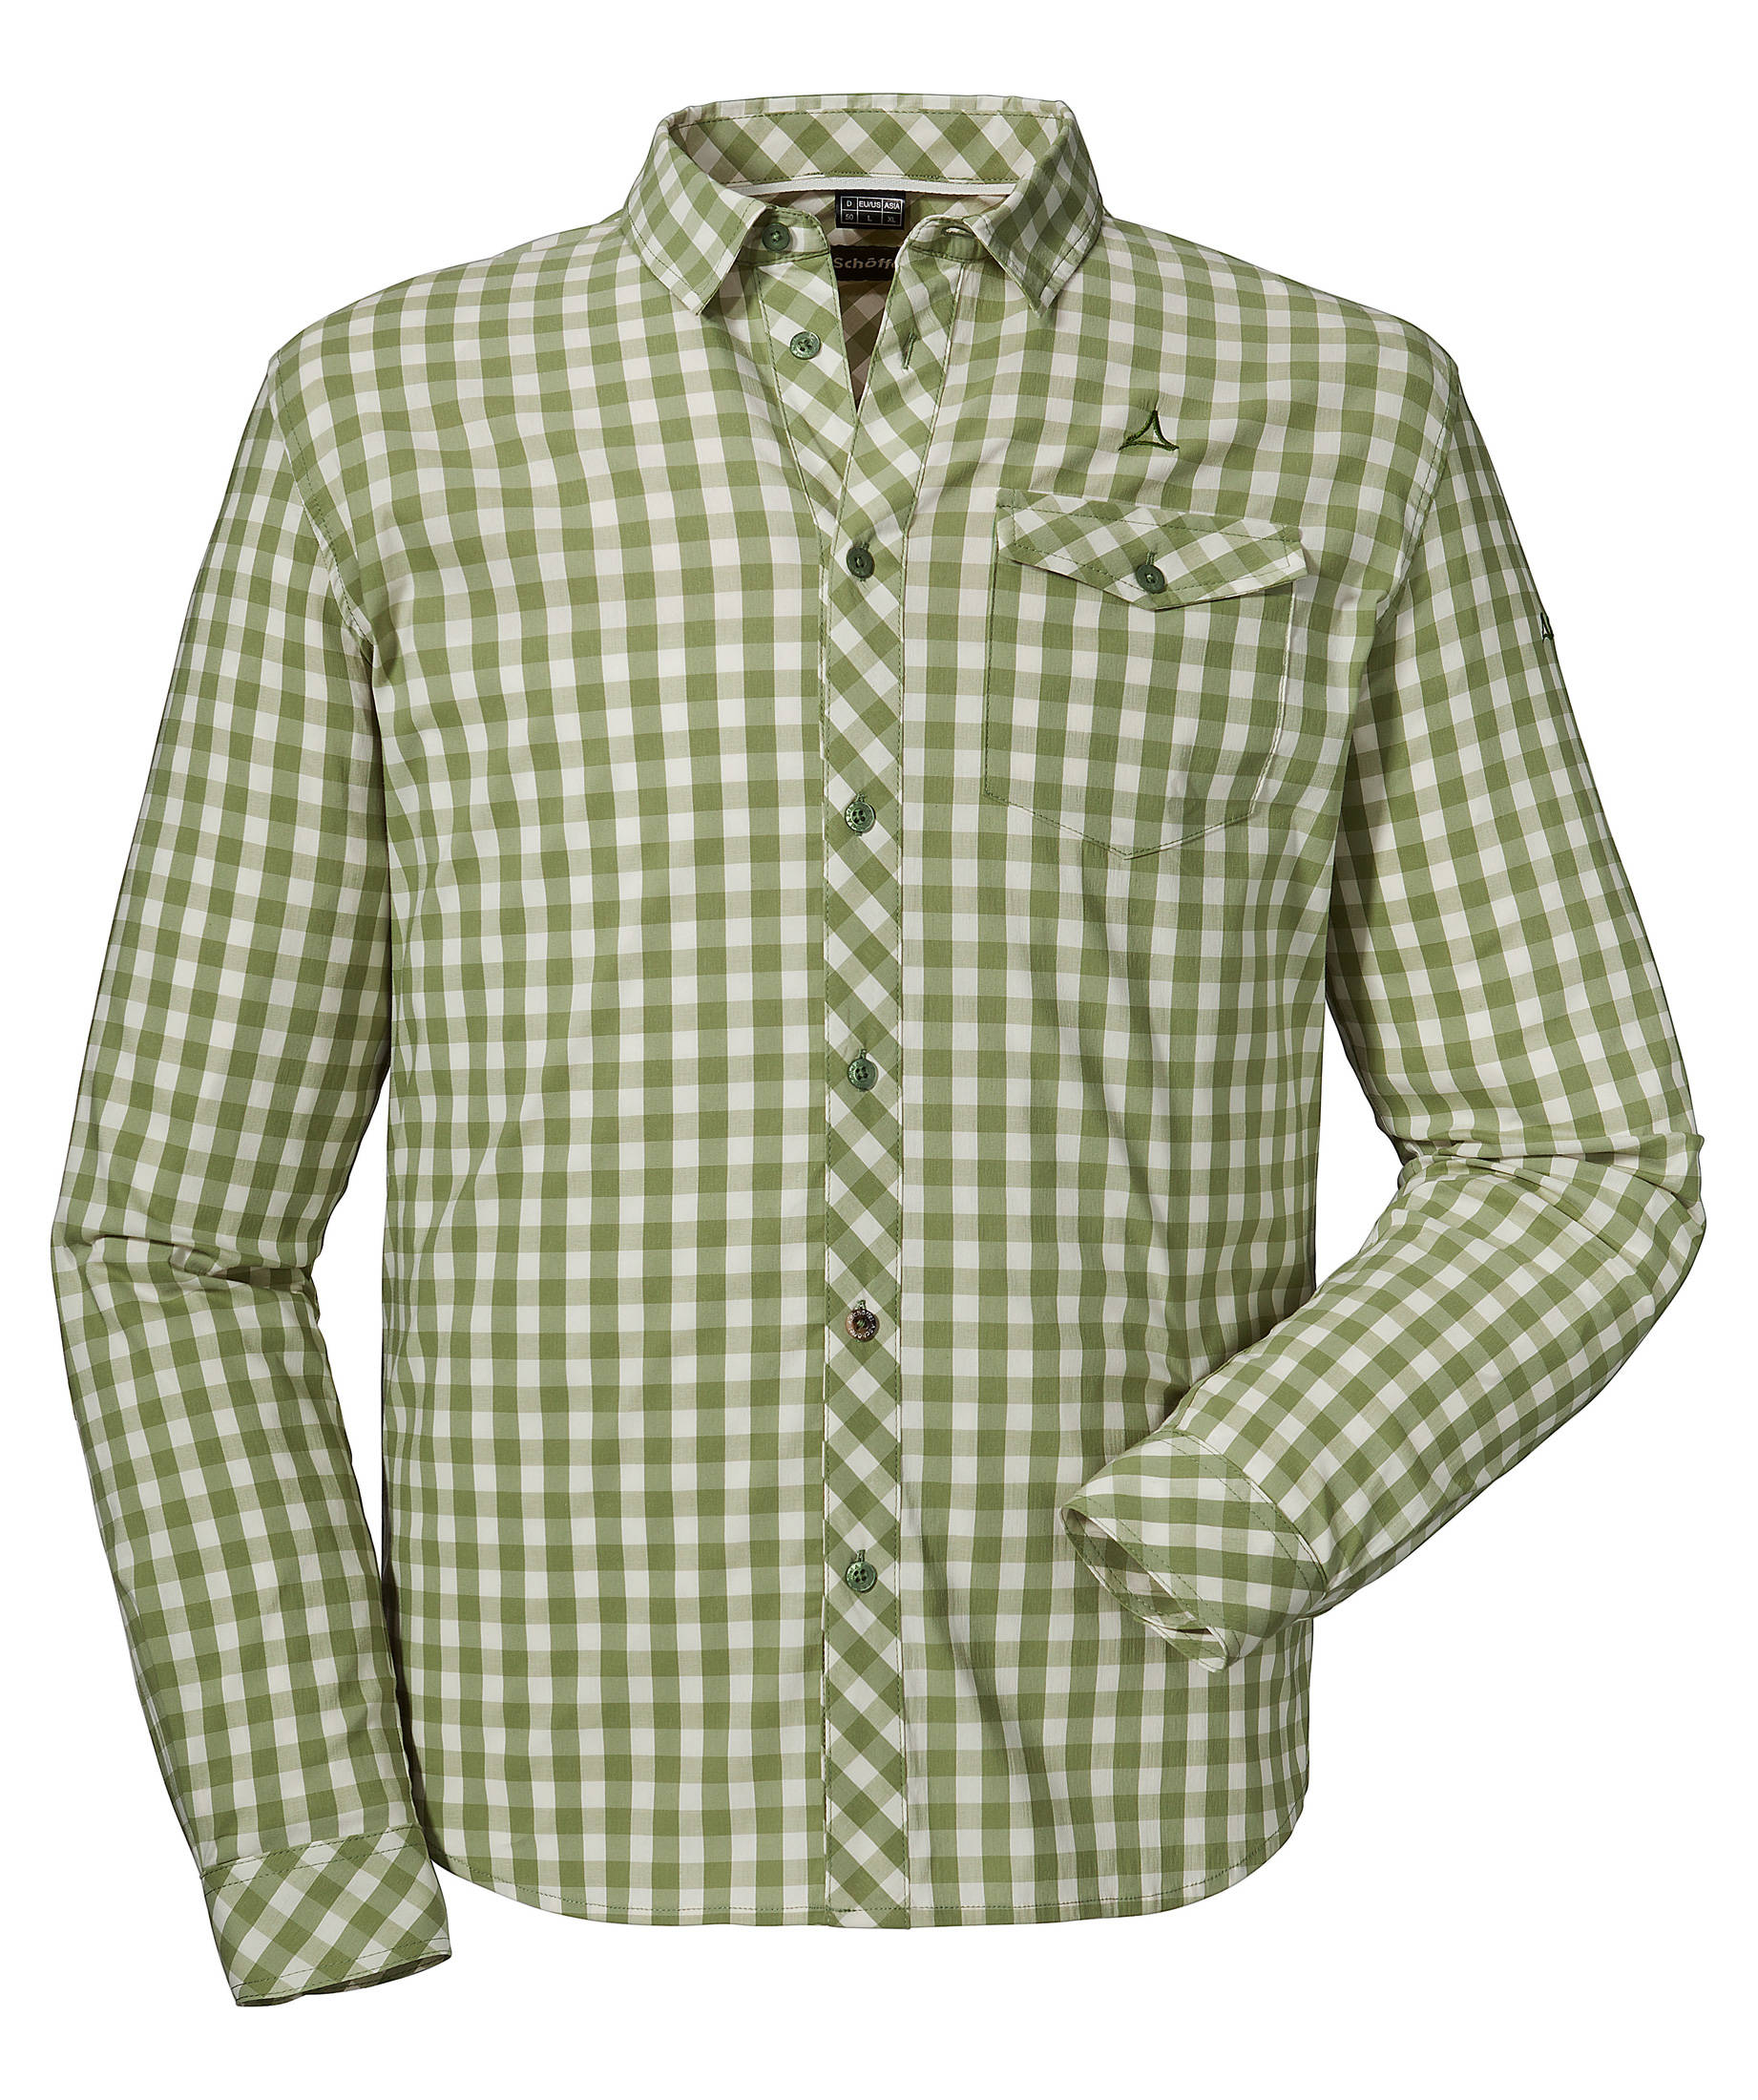 Kundschaft zuerst neue angebote angenehmes Gefühl Herren Outdoor-Hemd